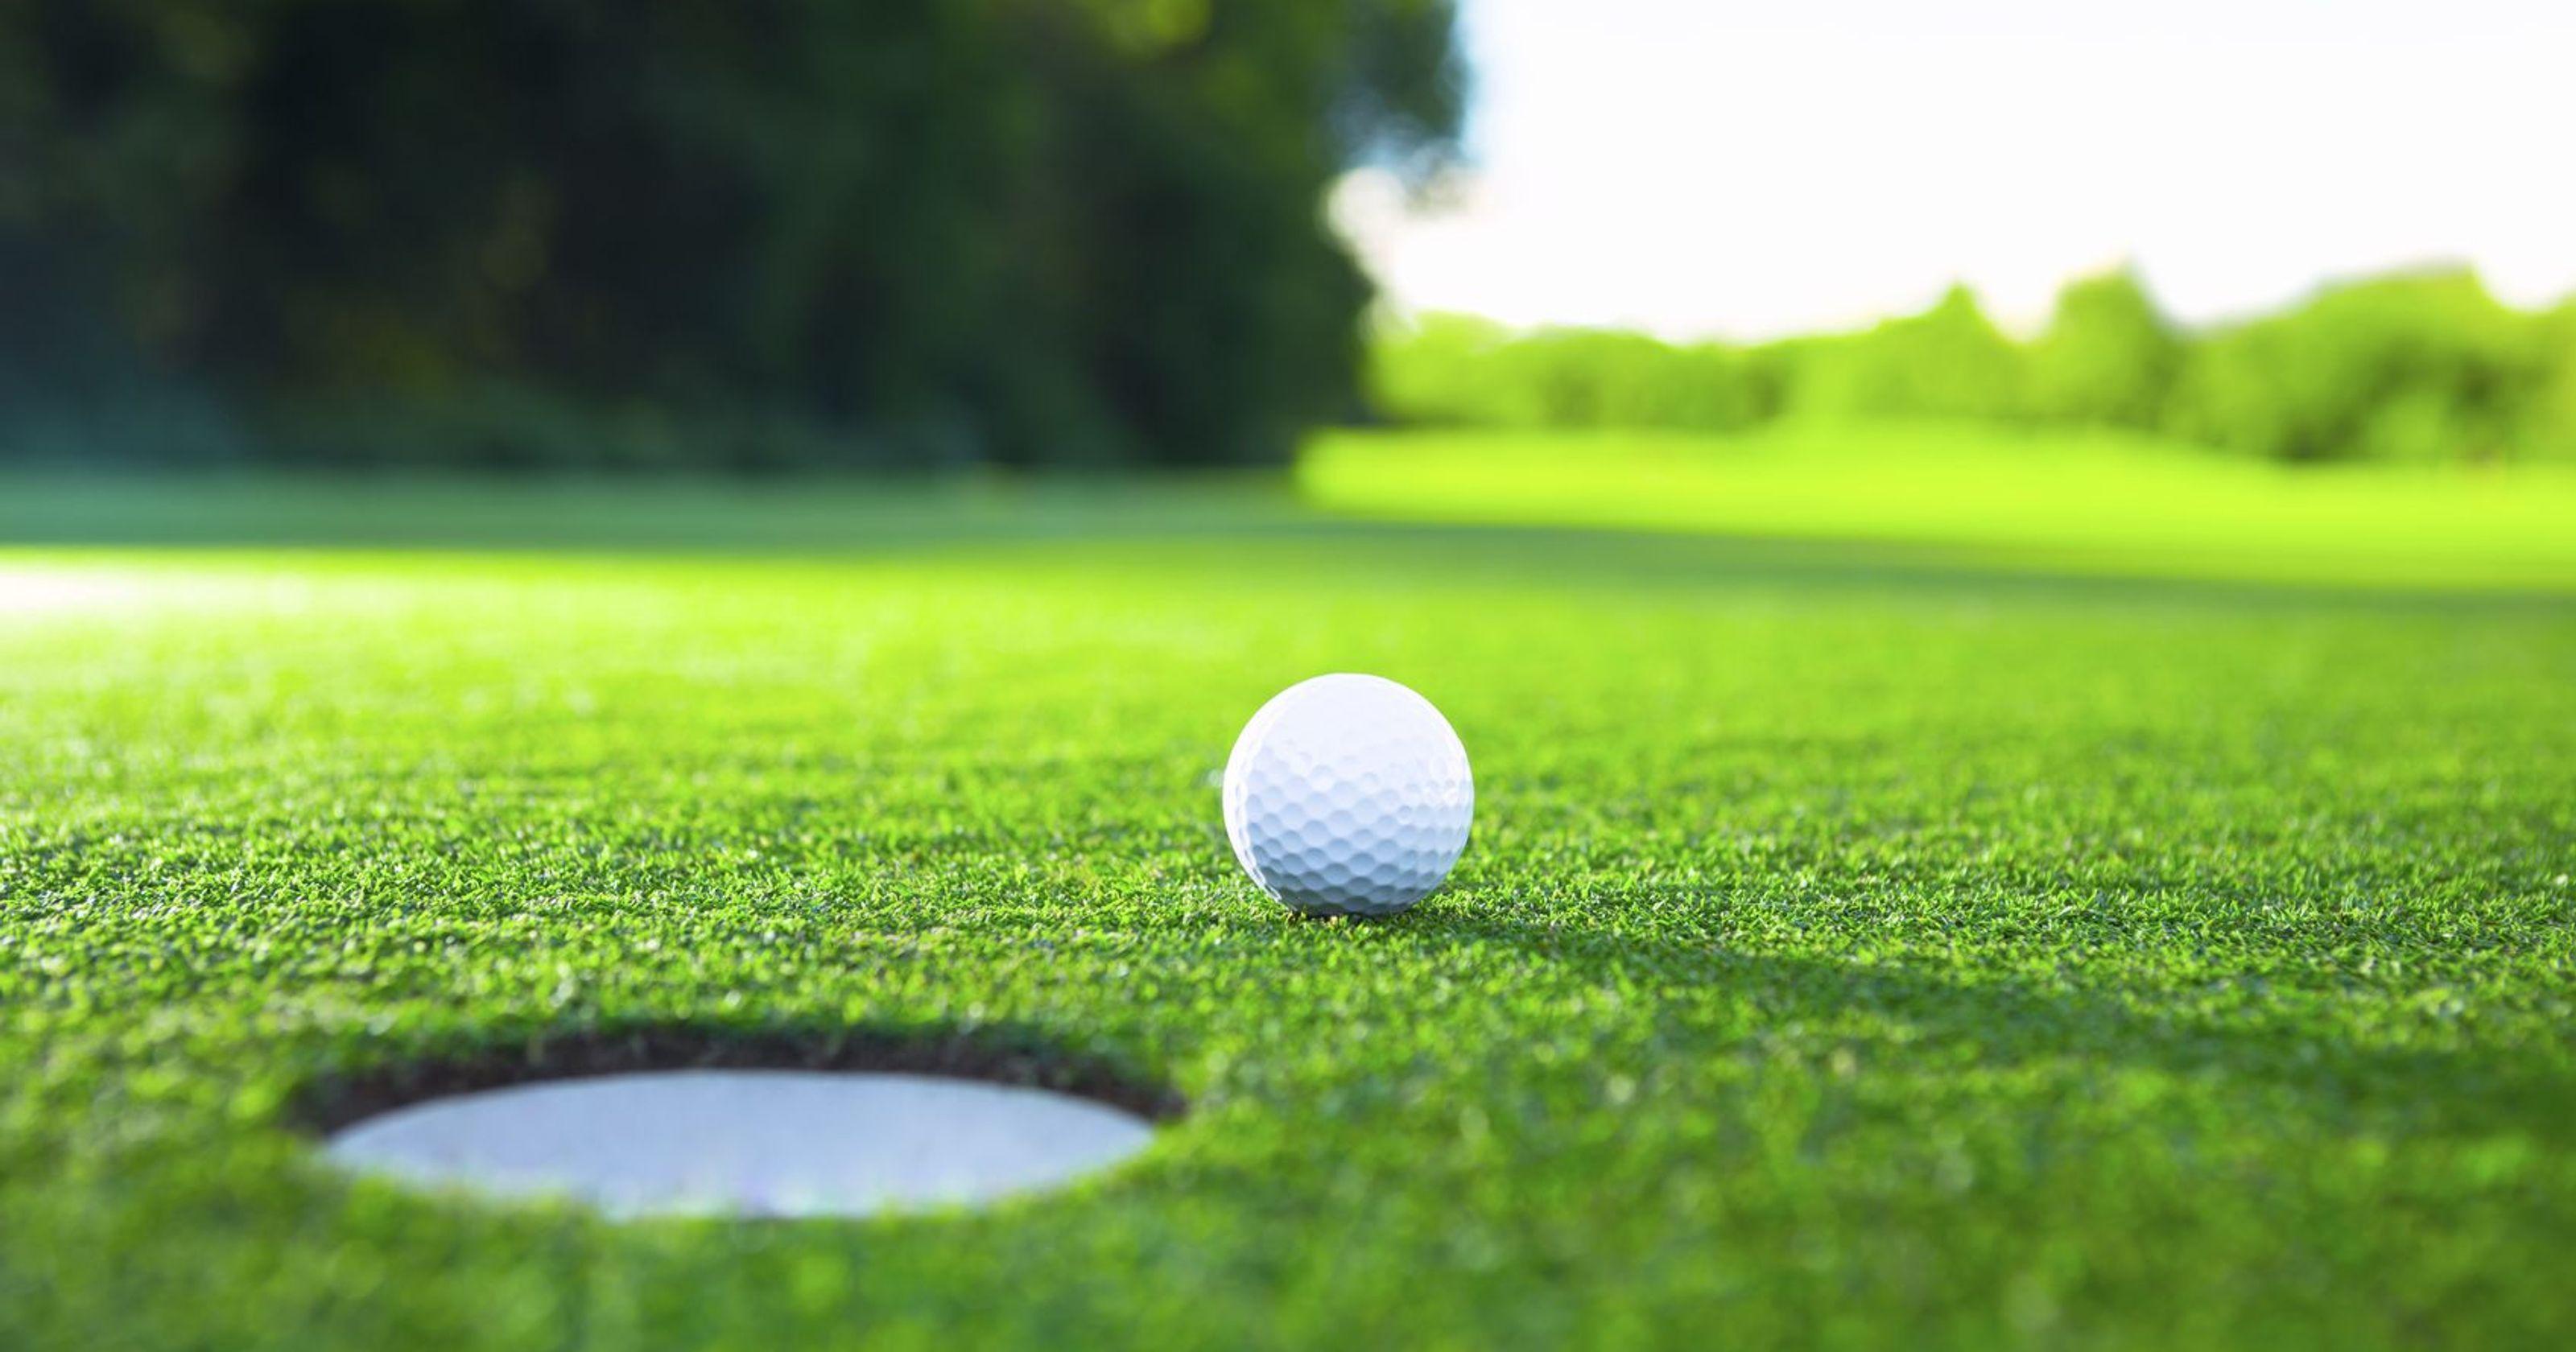 गोल्फ : मर्सिडीज ट्रॉफी के राष्ट्रीय फाइनल्स में पहुंचे साहिल, साइकट 2